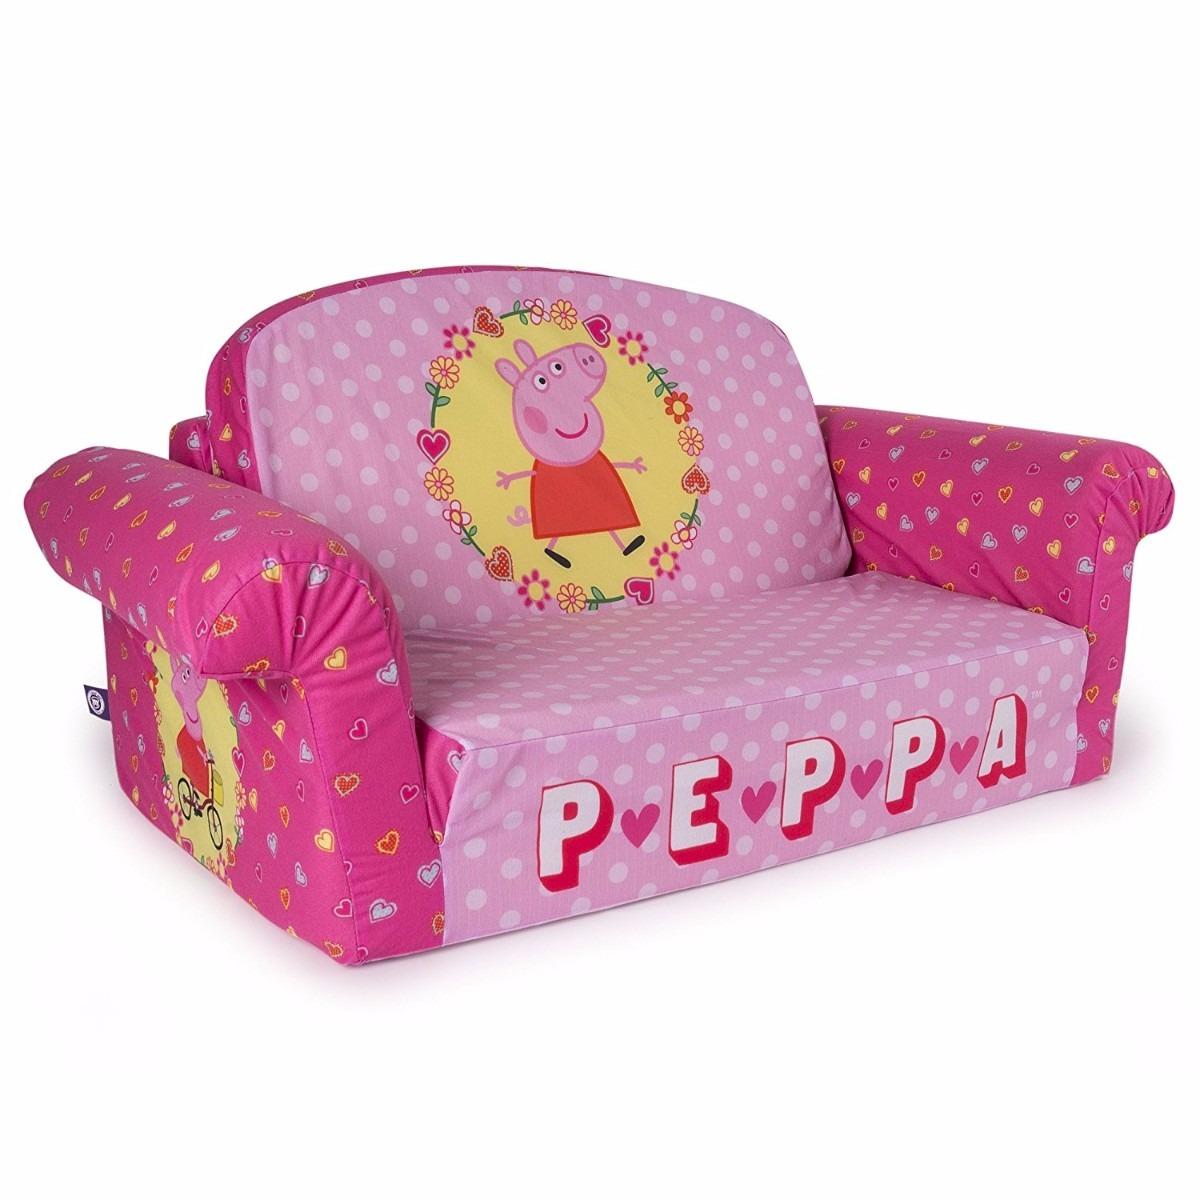 Muebles De Los Ni Os 2 En 1 Sof Cama De Peppa Pig 218 477 En  # Muebles De Peppa Pig